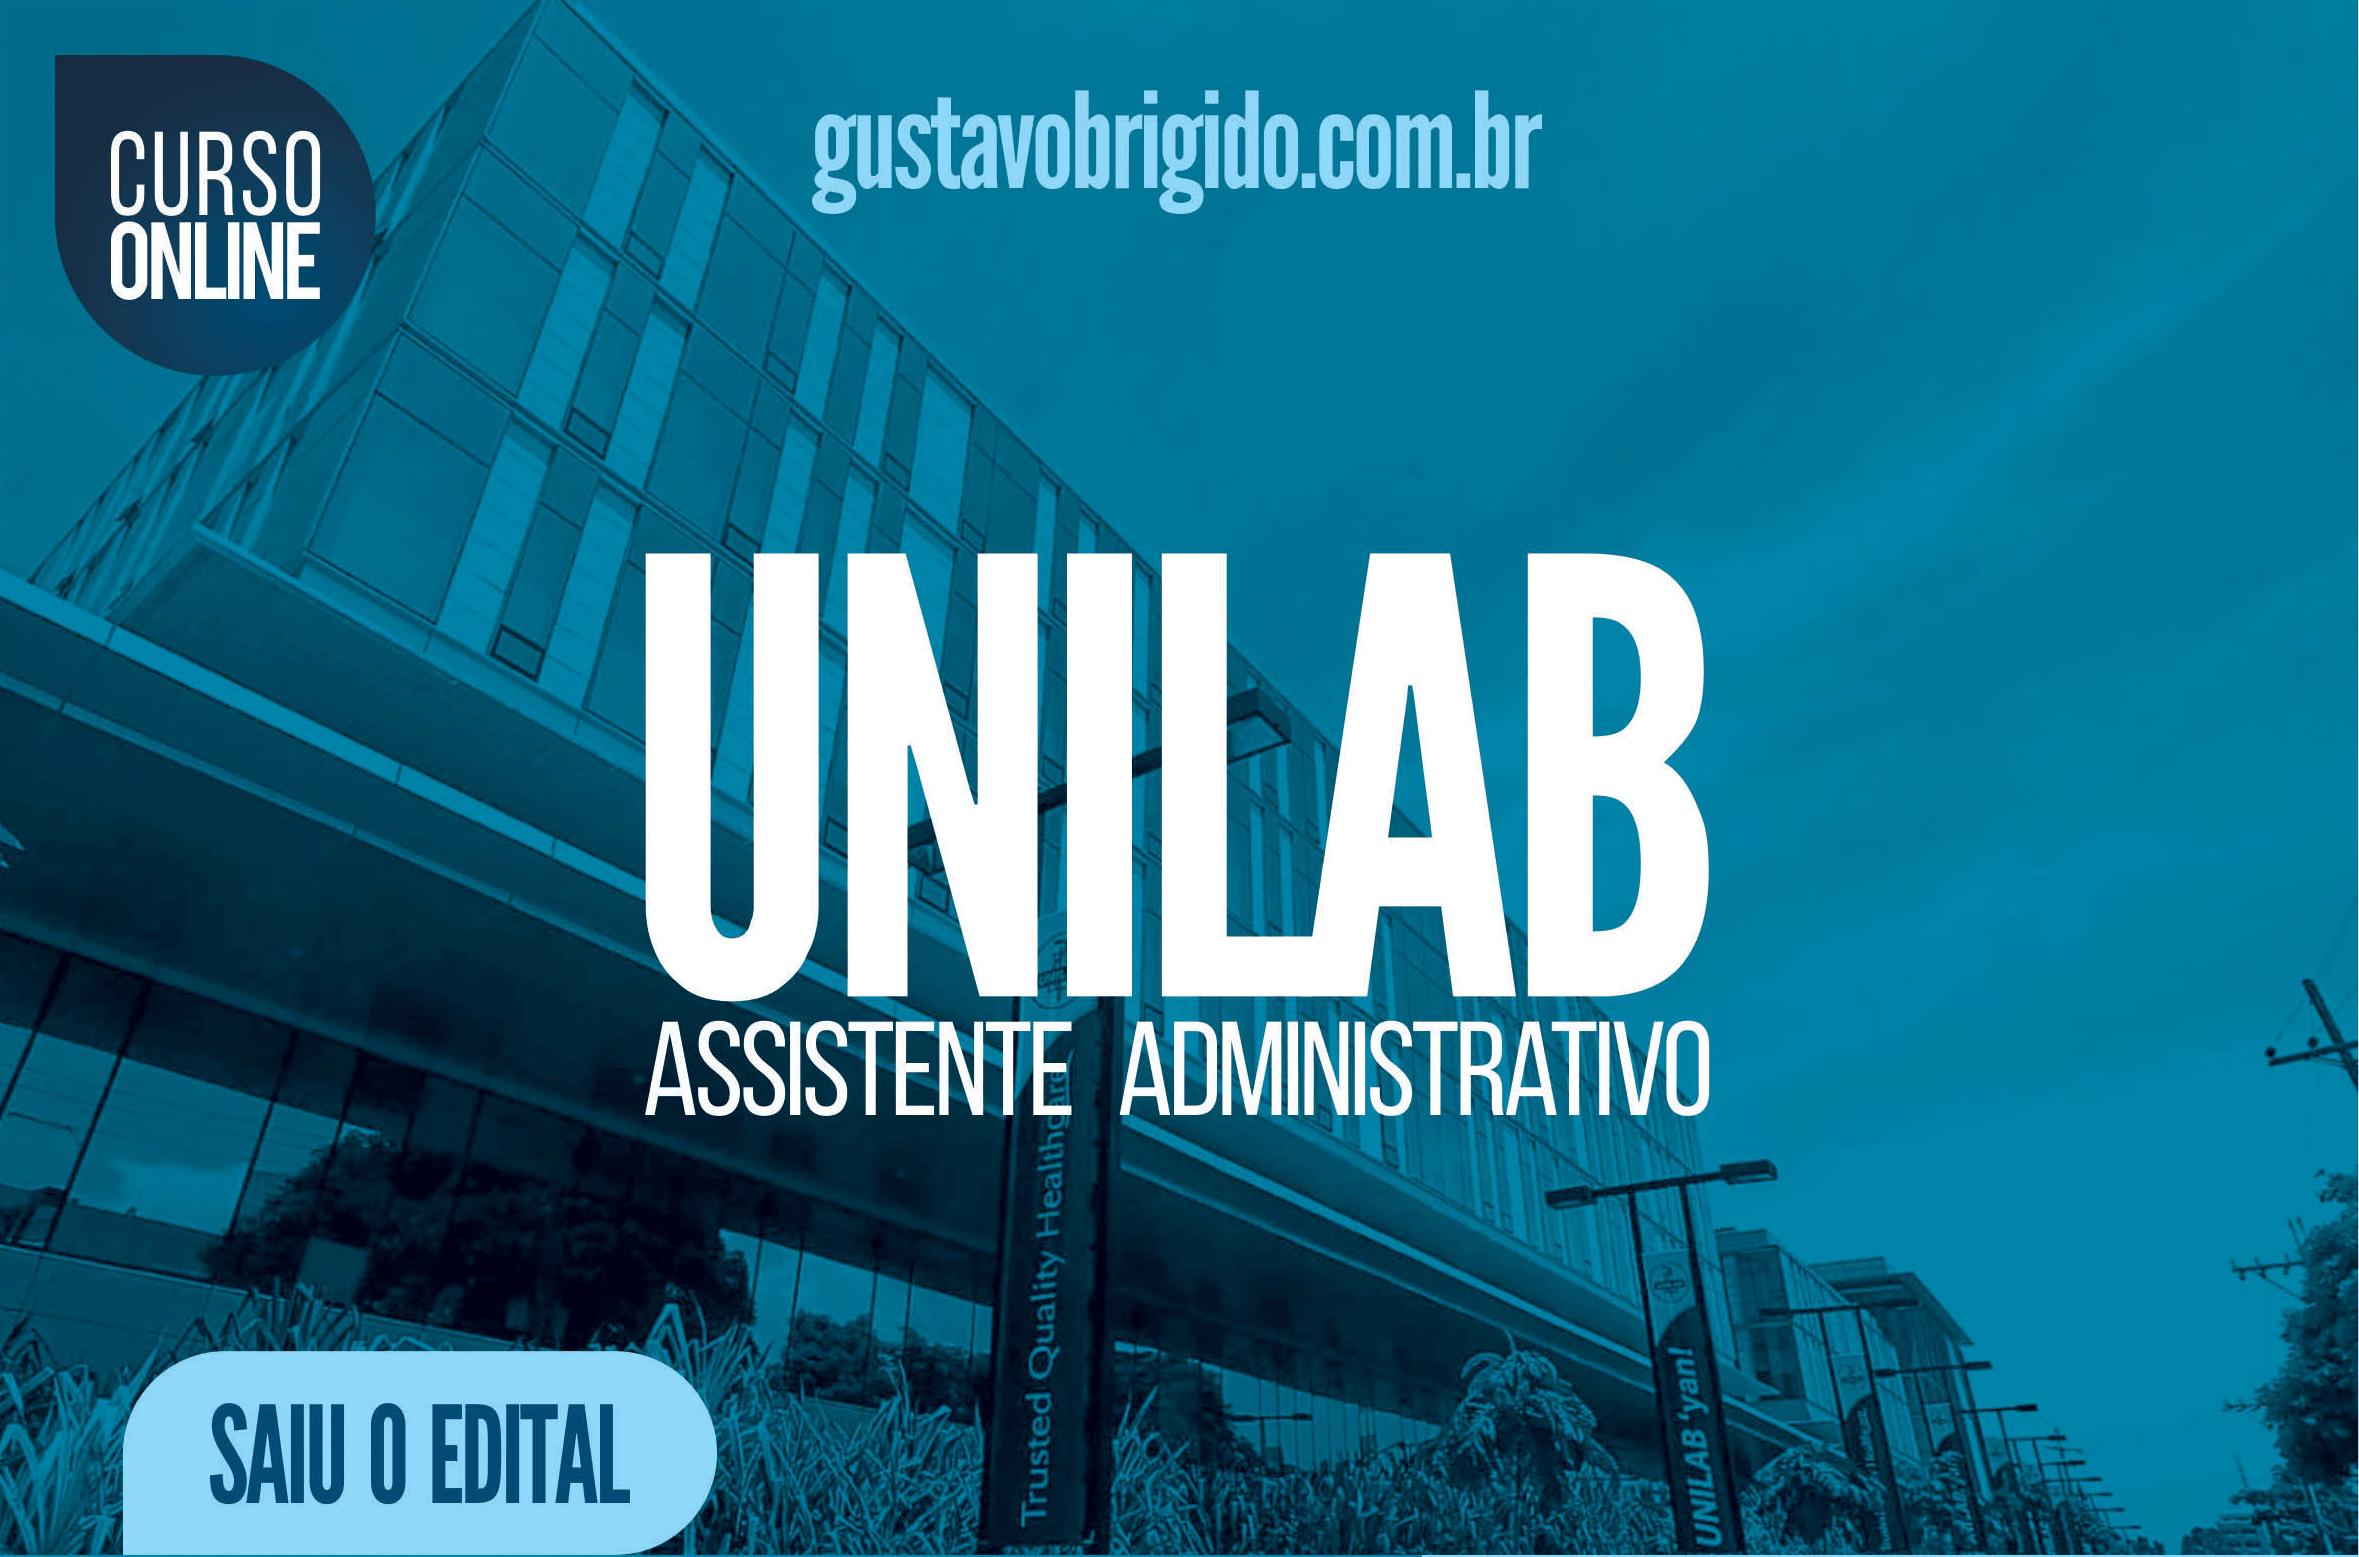 CURSO UNILAB - ASSISTENTE EM ADMINISTRAÇÃO - NÍVEL MÉDIO